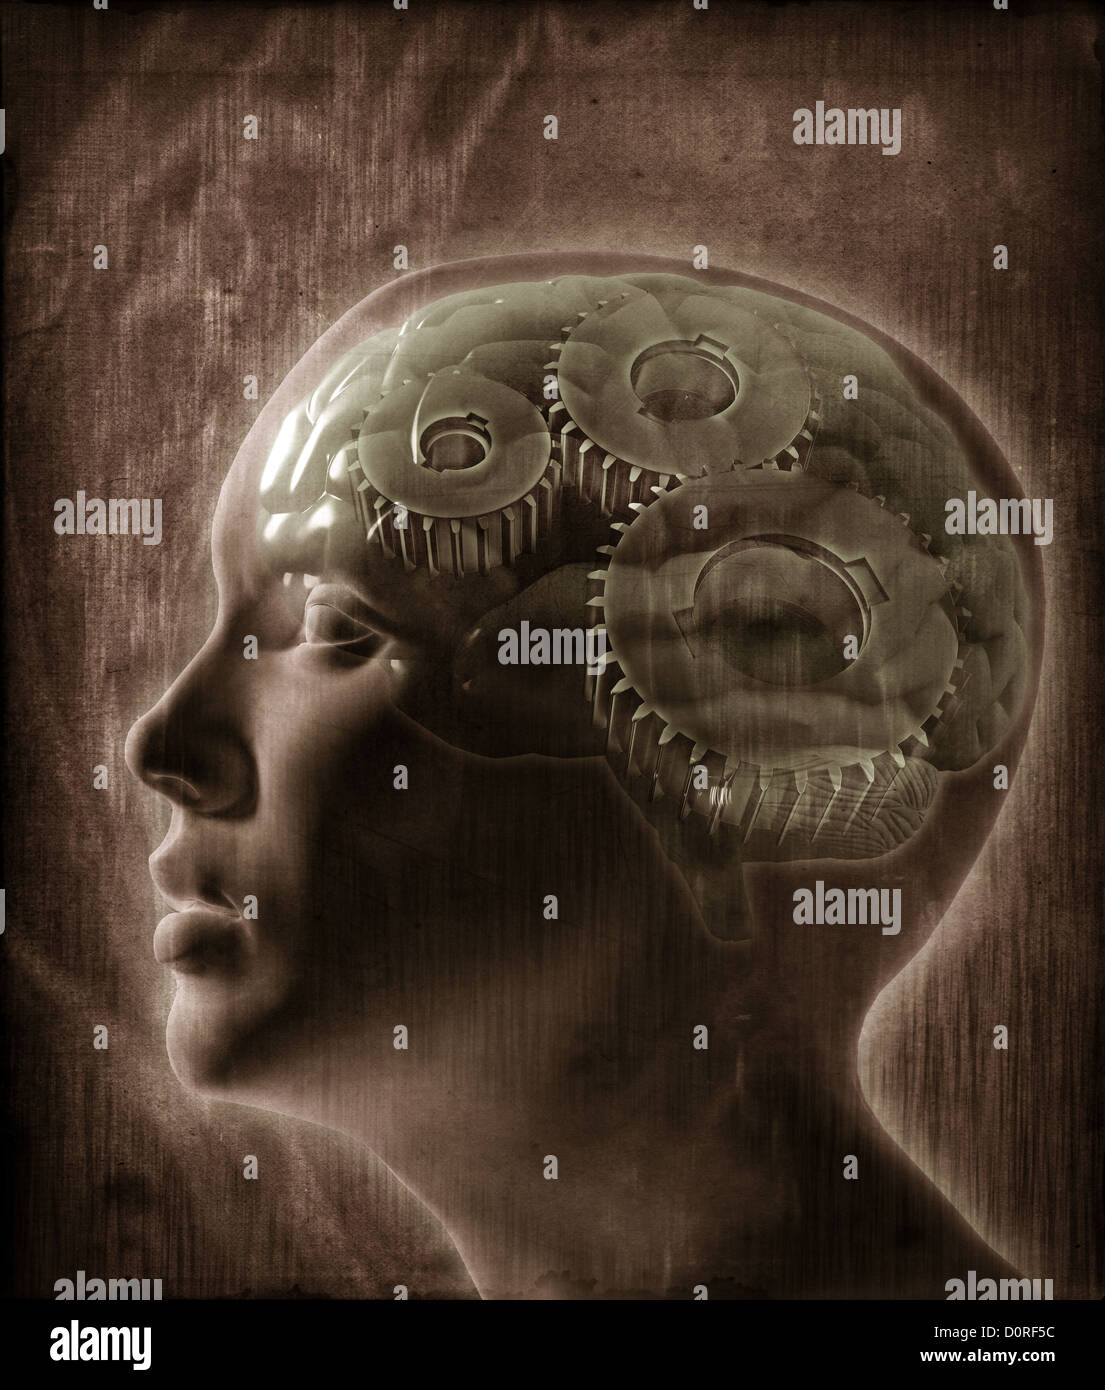 Concepto de inteligencia humana Imagen De Stock